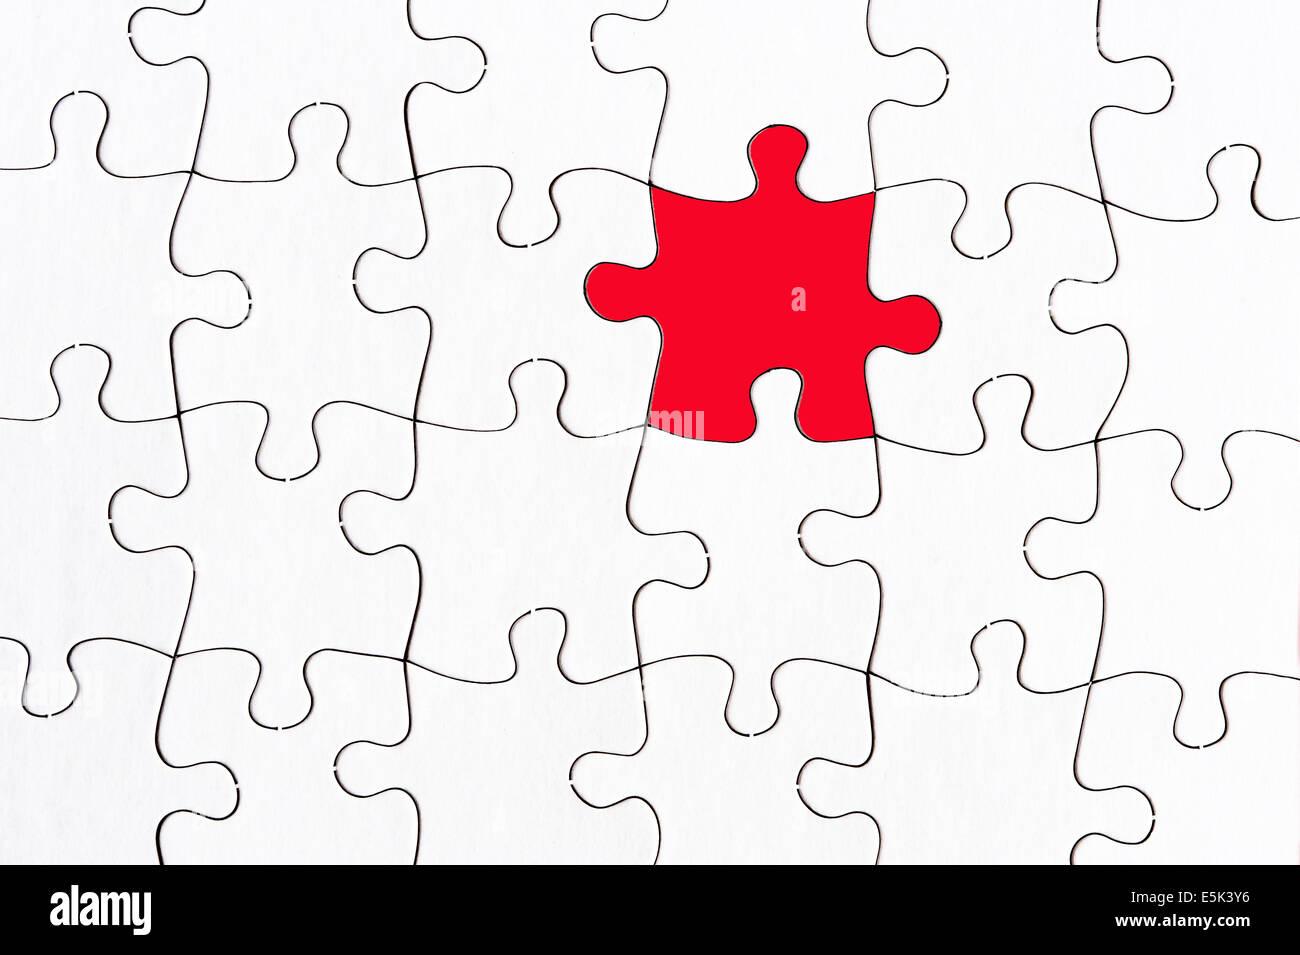 Schermata bianca vuota seghetto alternativo con un pezzo di rosso stare fuori dalla folla del concetto Immagini Stock